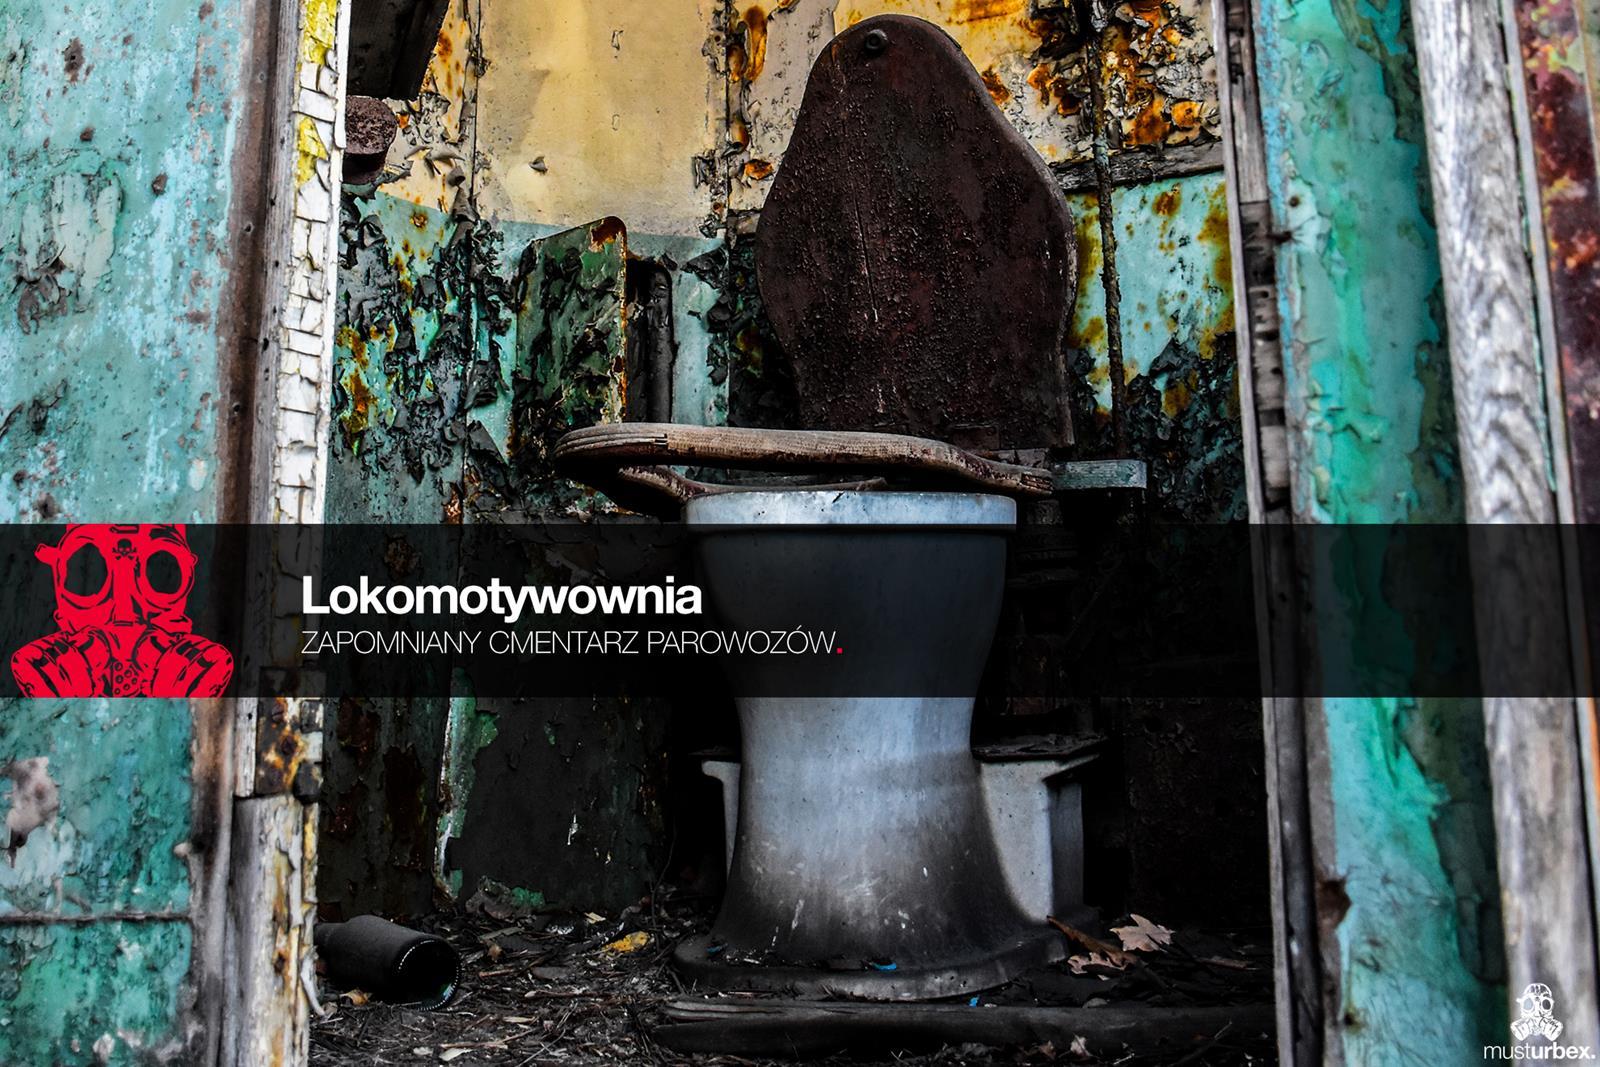 Lokomotywownia - Zapomniany Cmentarz Parowozów